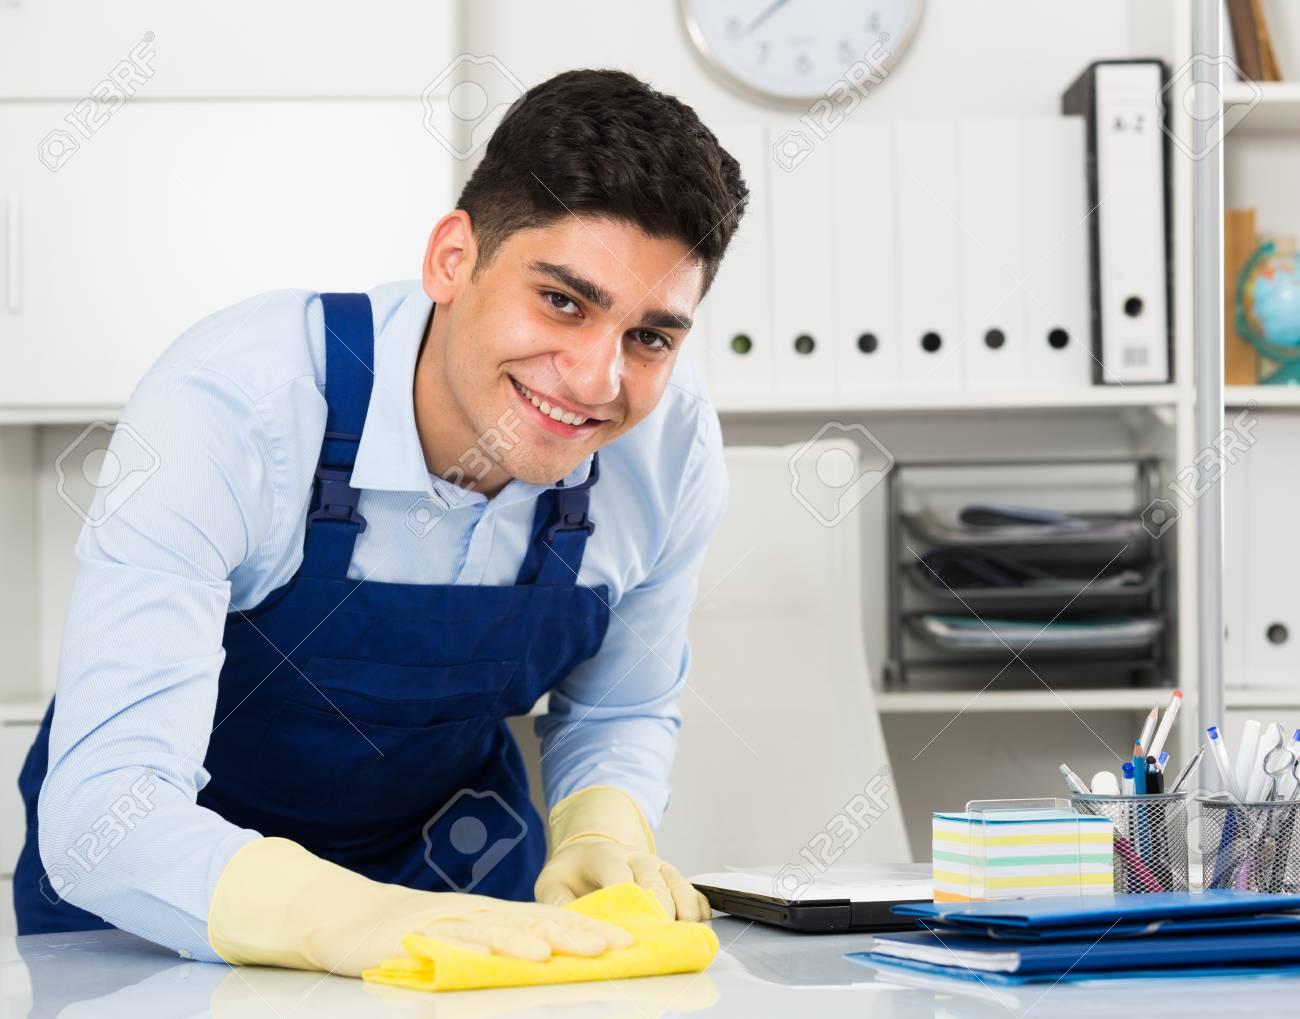 Nettoyant pour homme nettoie la poussière du bureau au bureau